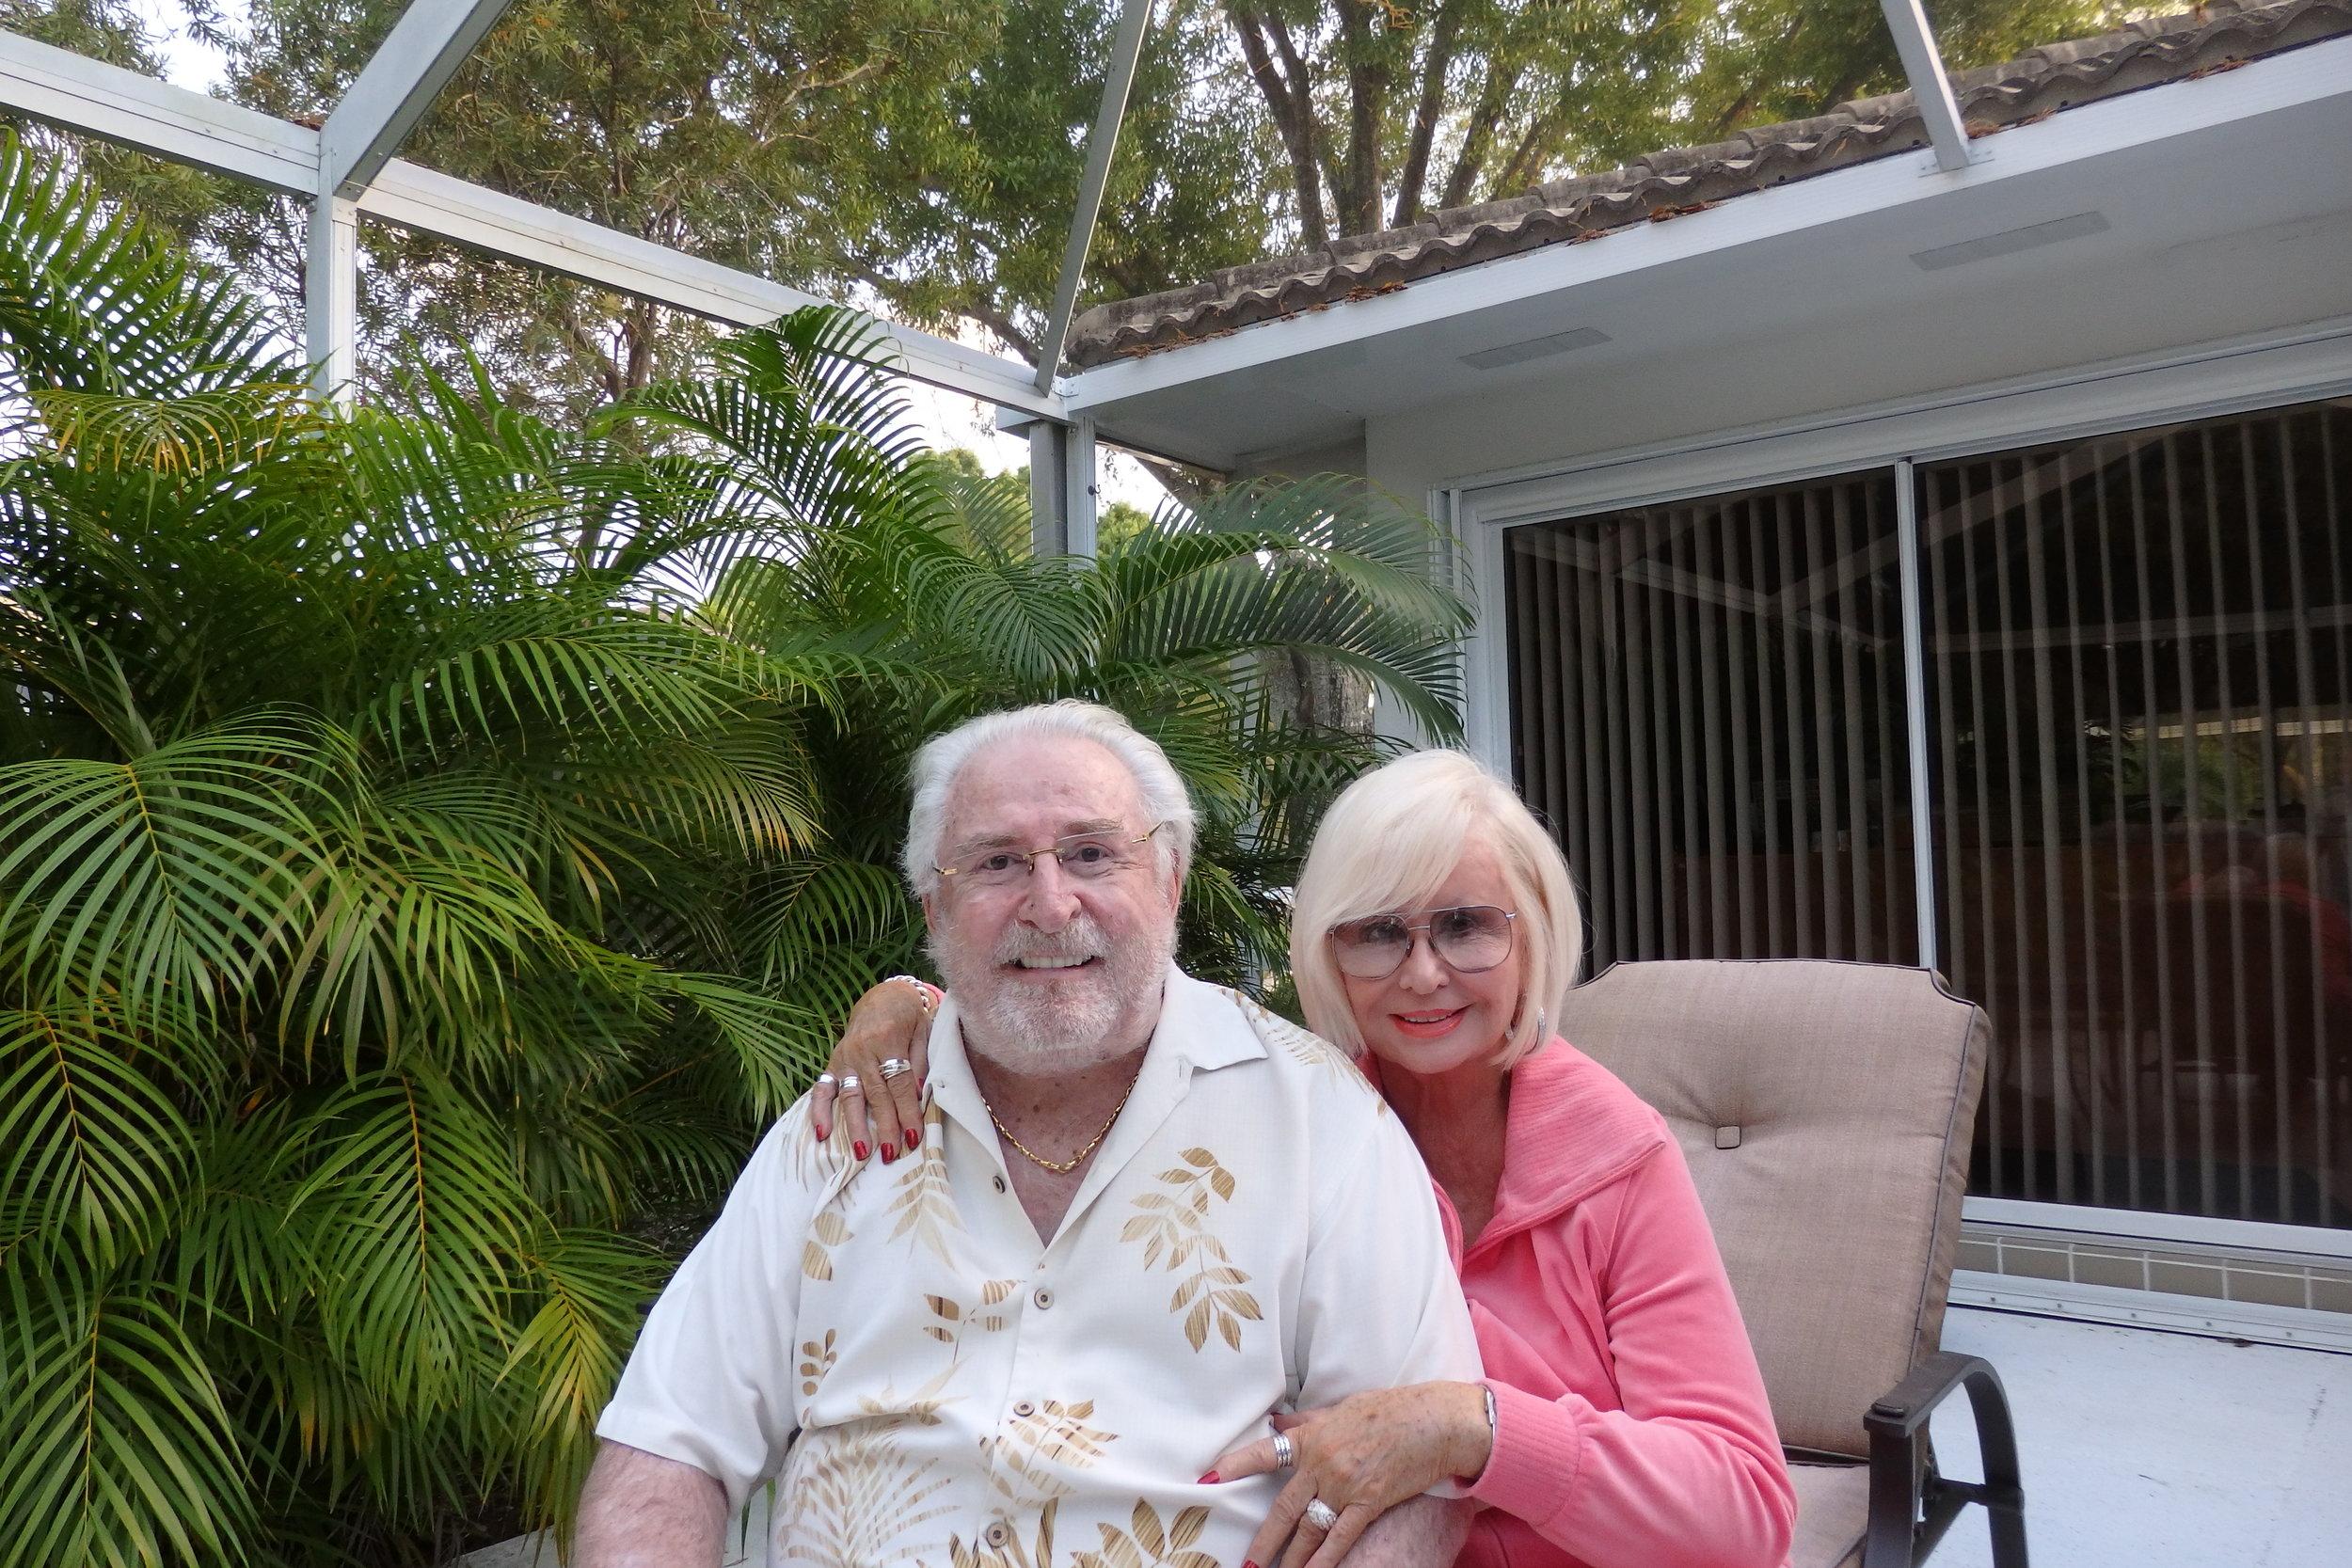 Carolyn's parents